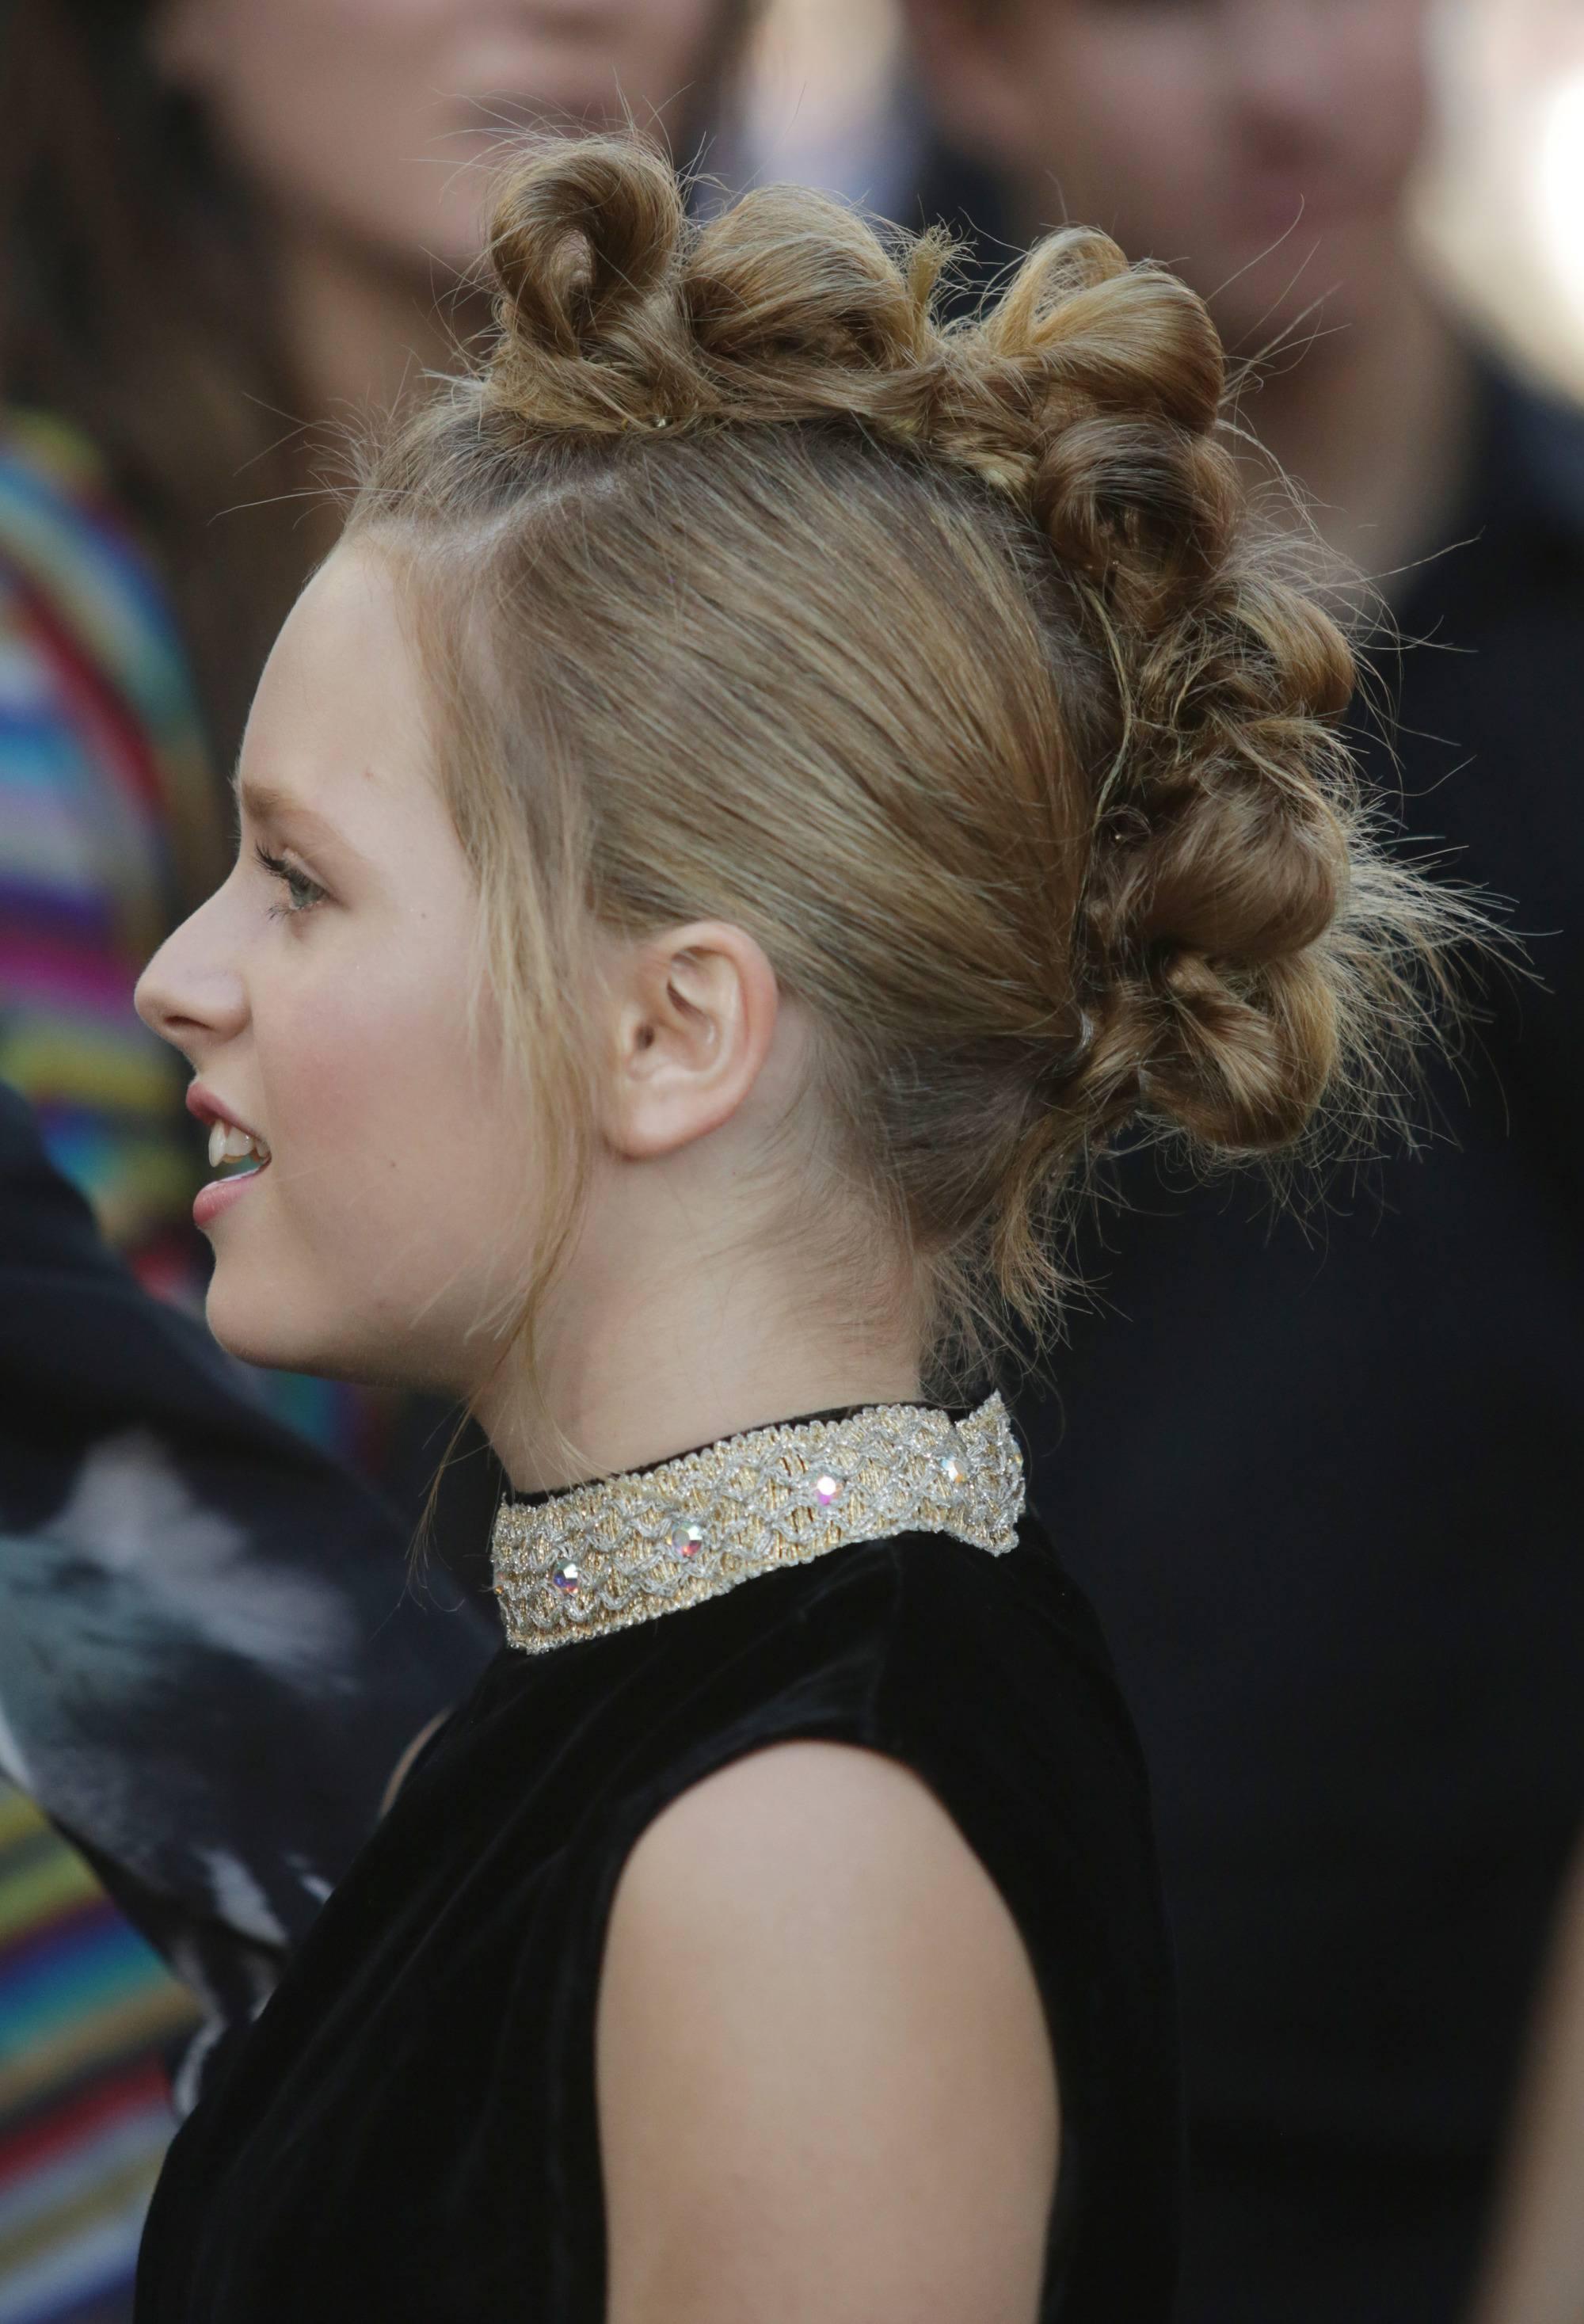 Vista de perfil de cabello rubio, recogido con pequeños rodetes al centro de la cabeza